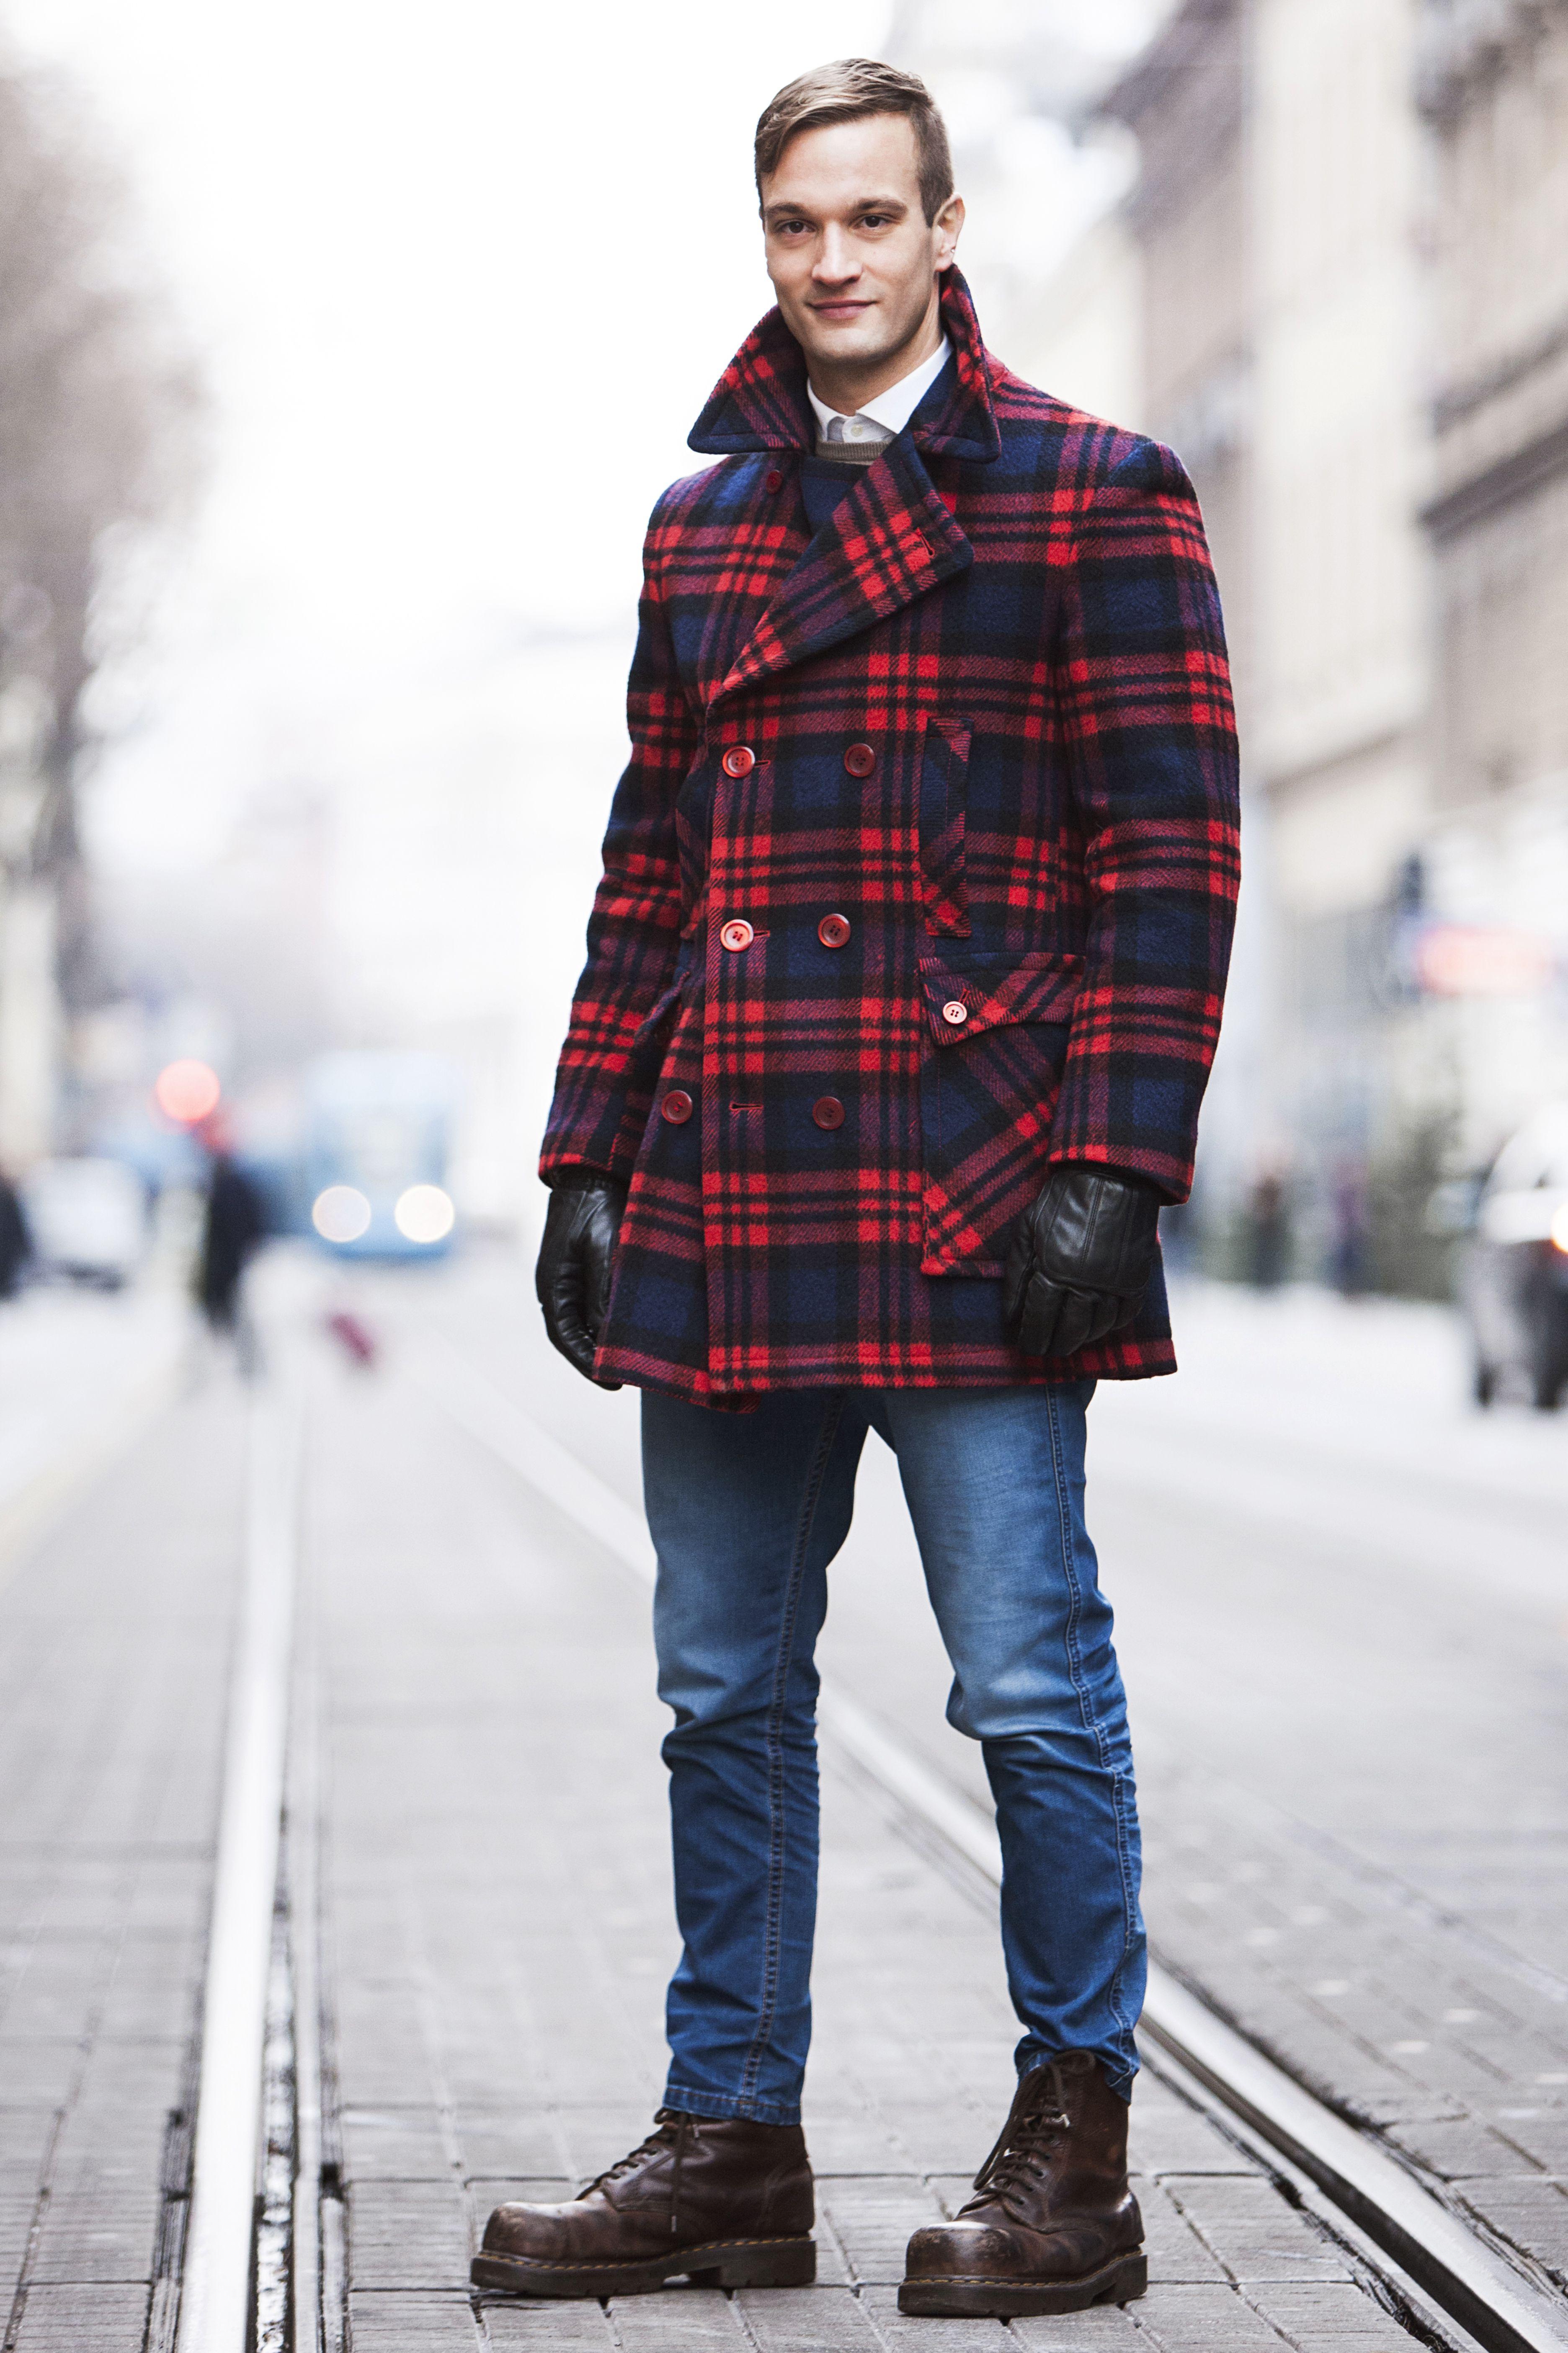 Komadi s pričom najveće su blago u ormaru, a on nosi upravo jedan takav kaput!